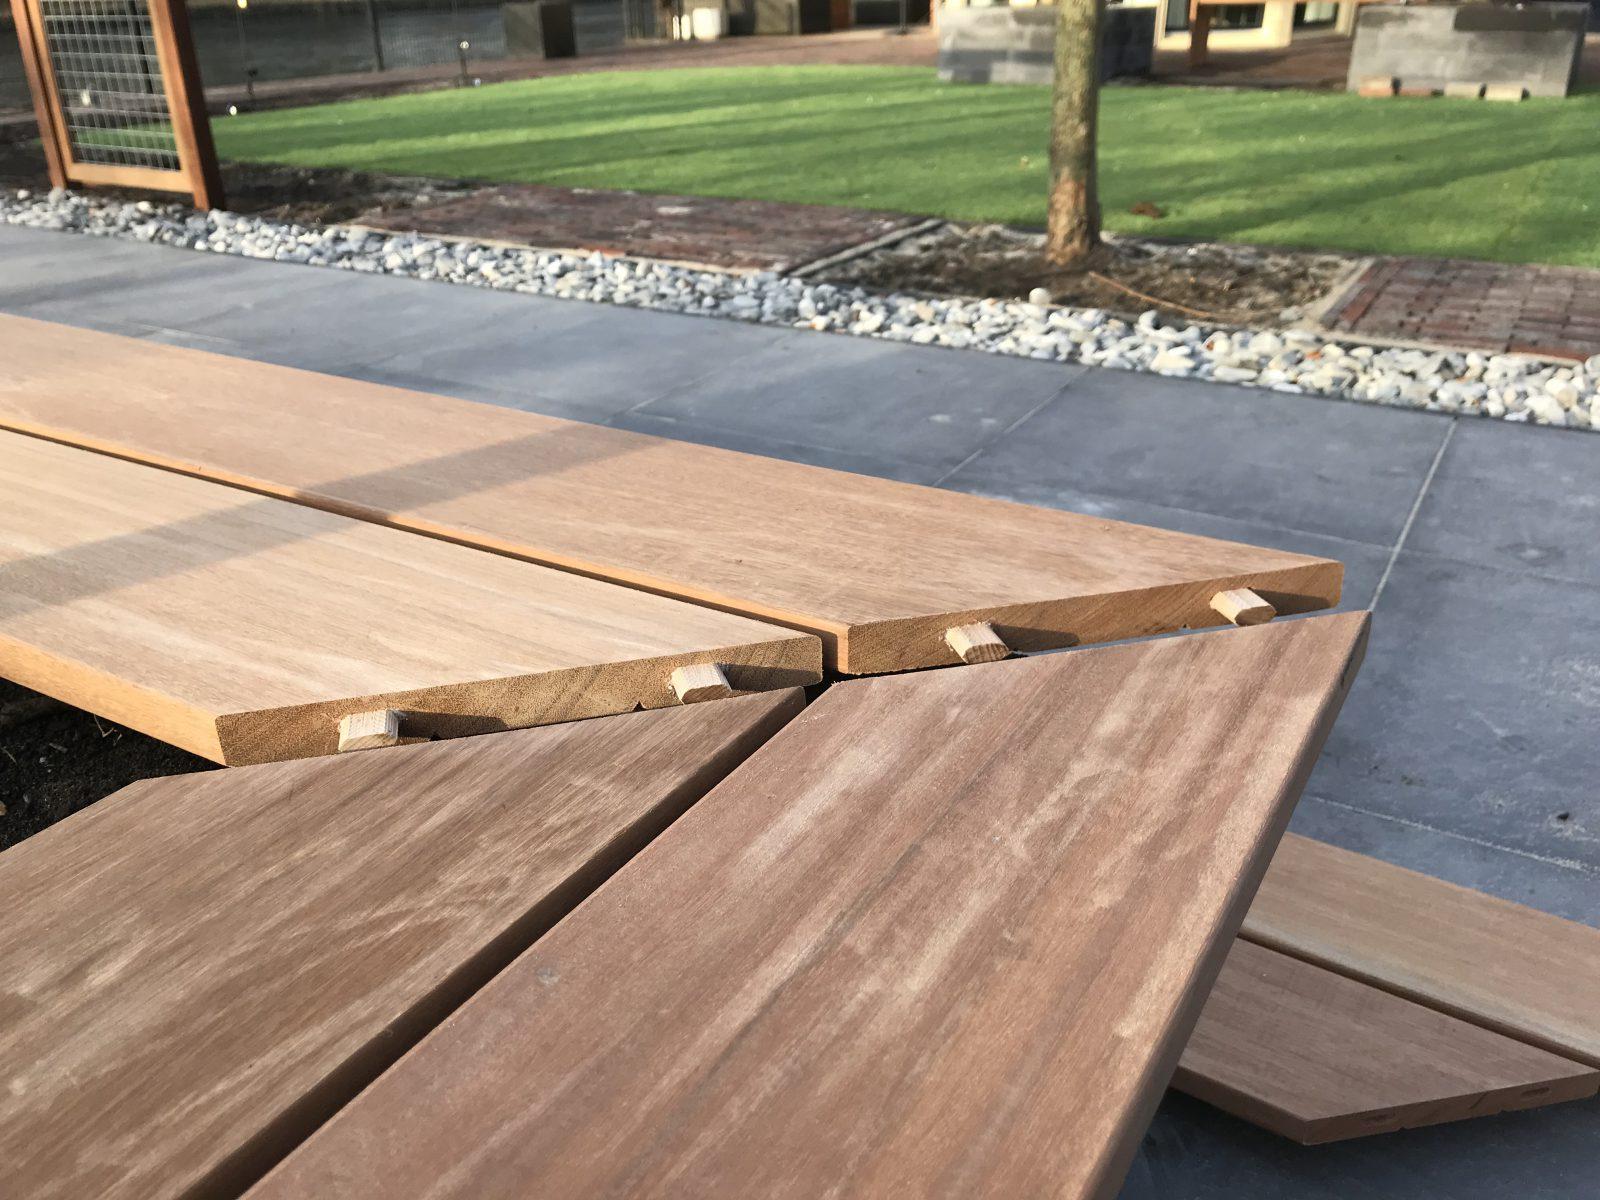 plaatsen van houten tuinmeubelen